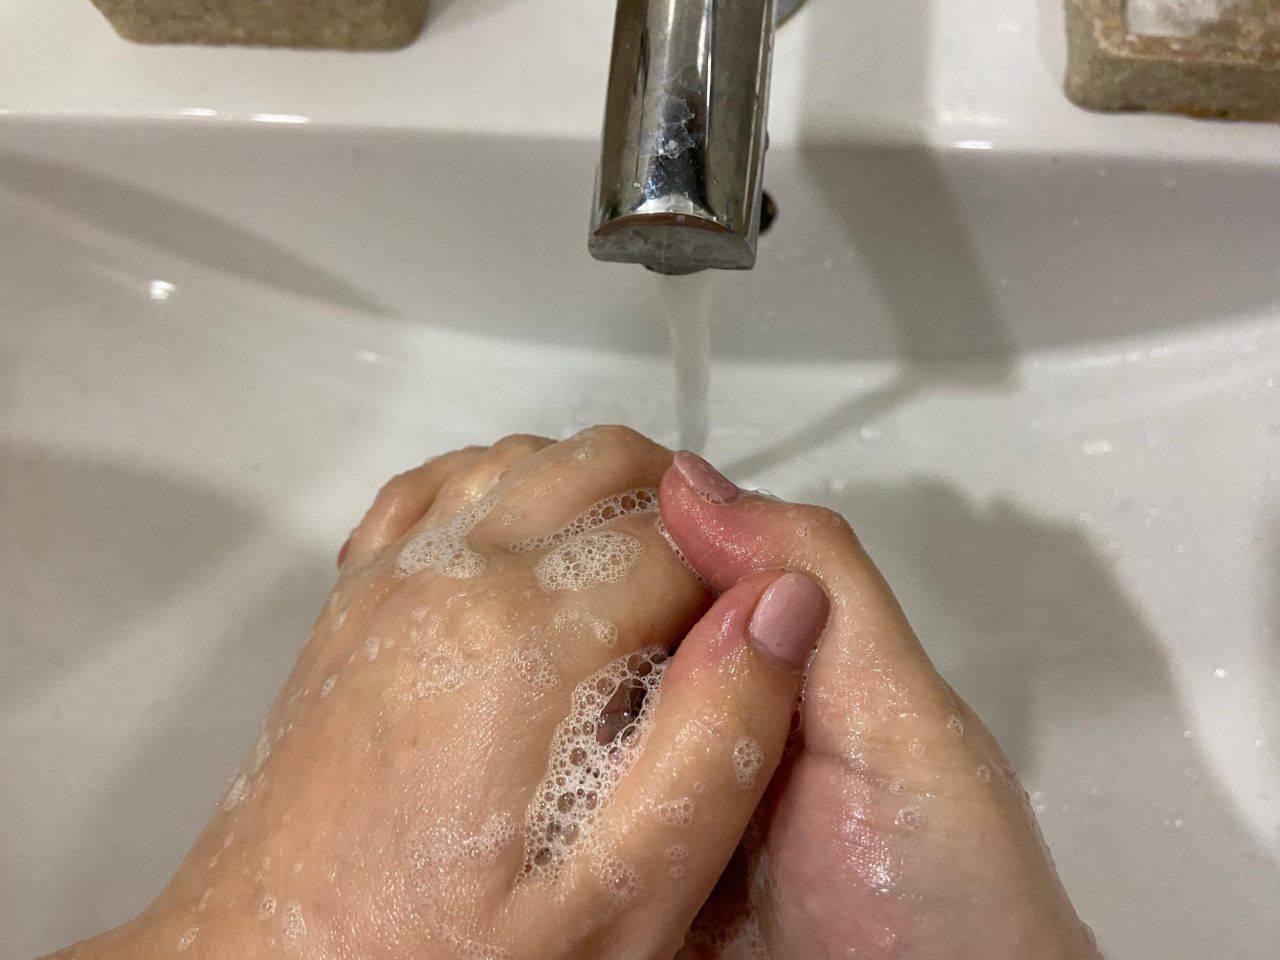 Coronavirus, come lavarsi le mani nel modo corretto: tutti i passaggi